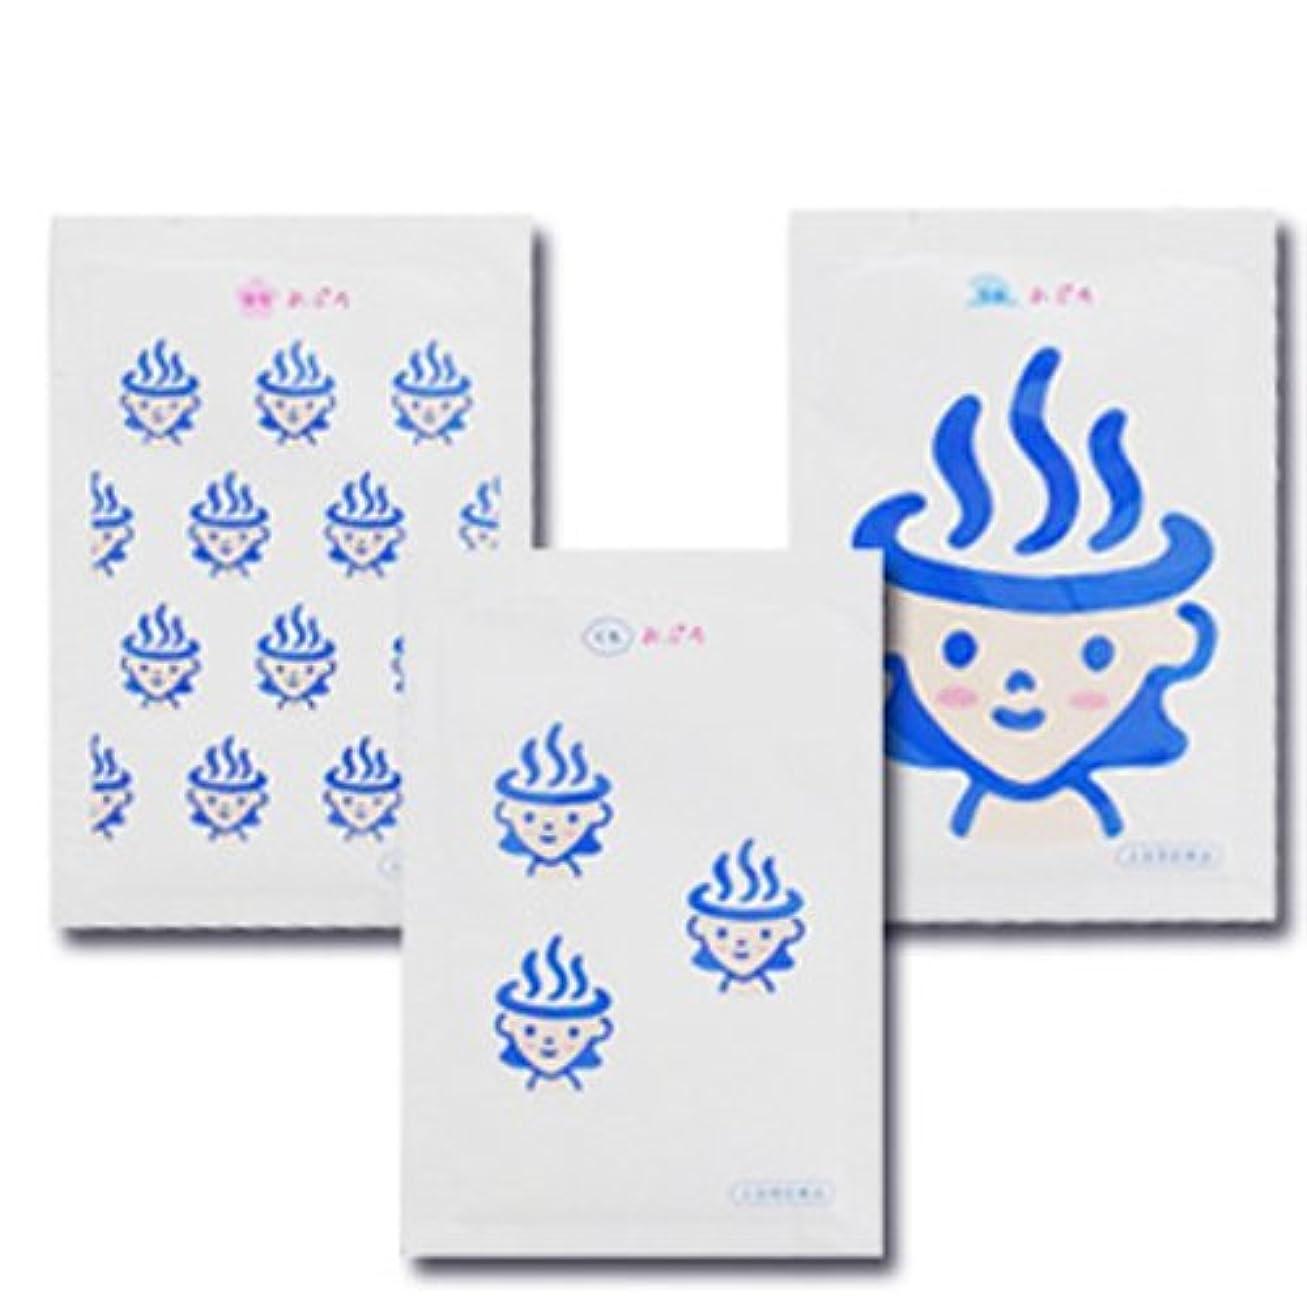 線形インストールカウンターパートお風呂サプリ おぷろ 3包入り(3種×1包)